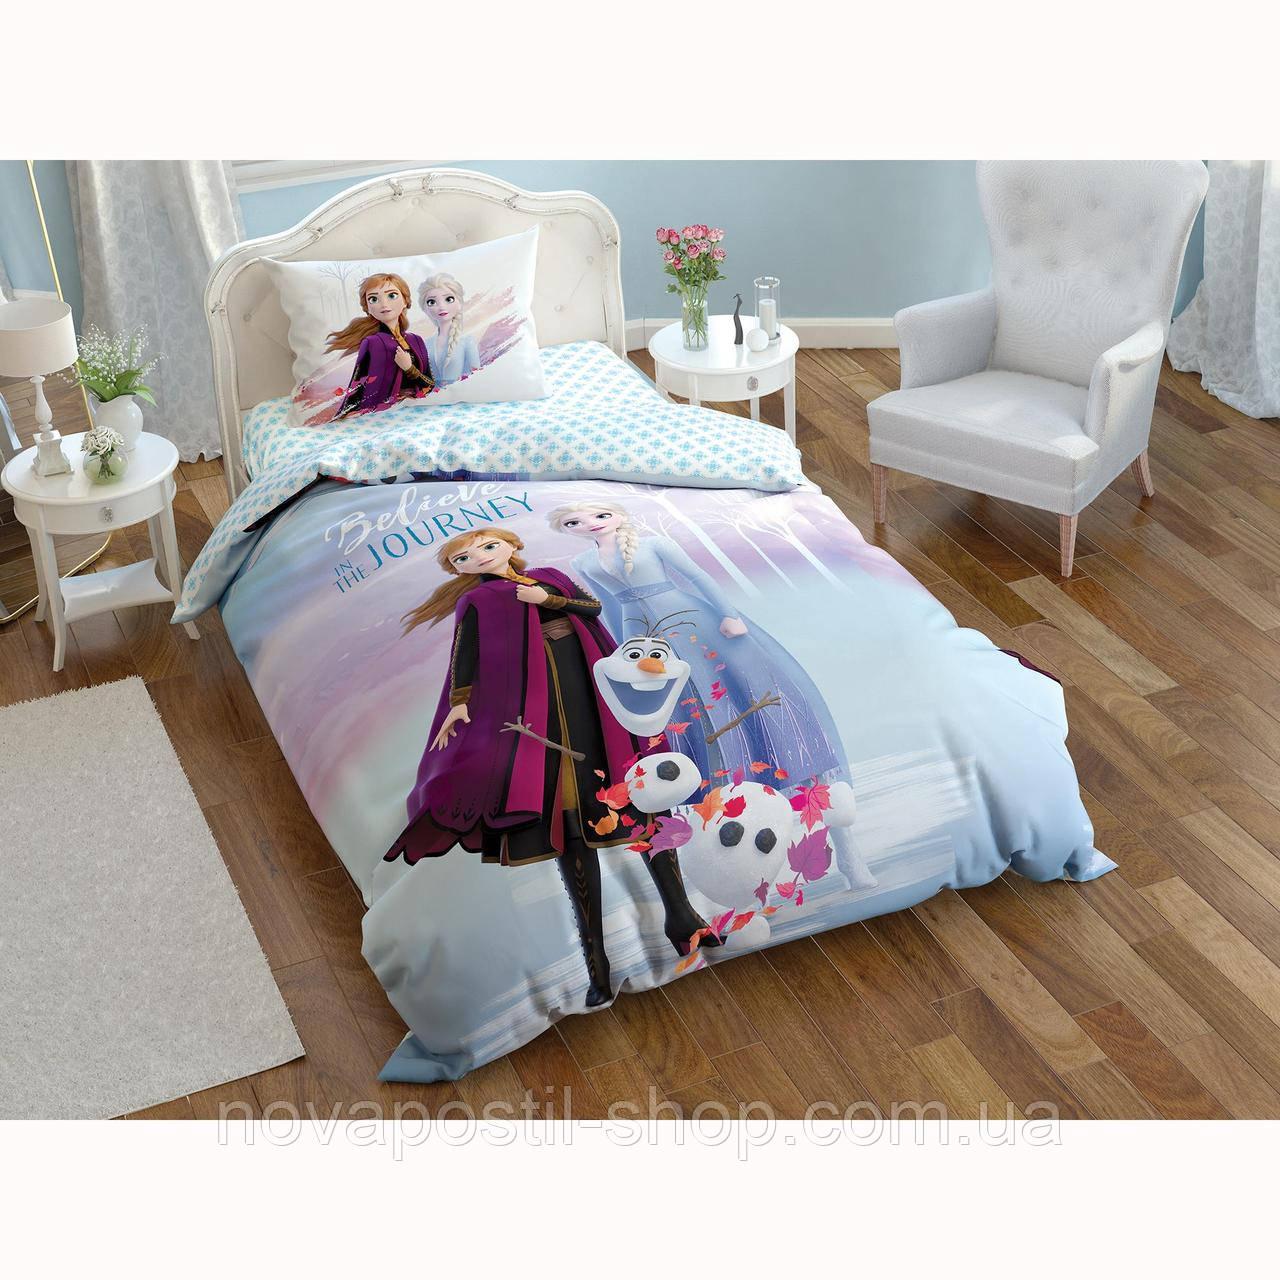 TAC Disney Frozen Elsa 2, комплект детского постельного белья подростковый